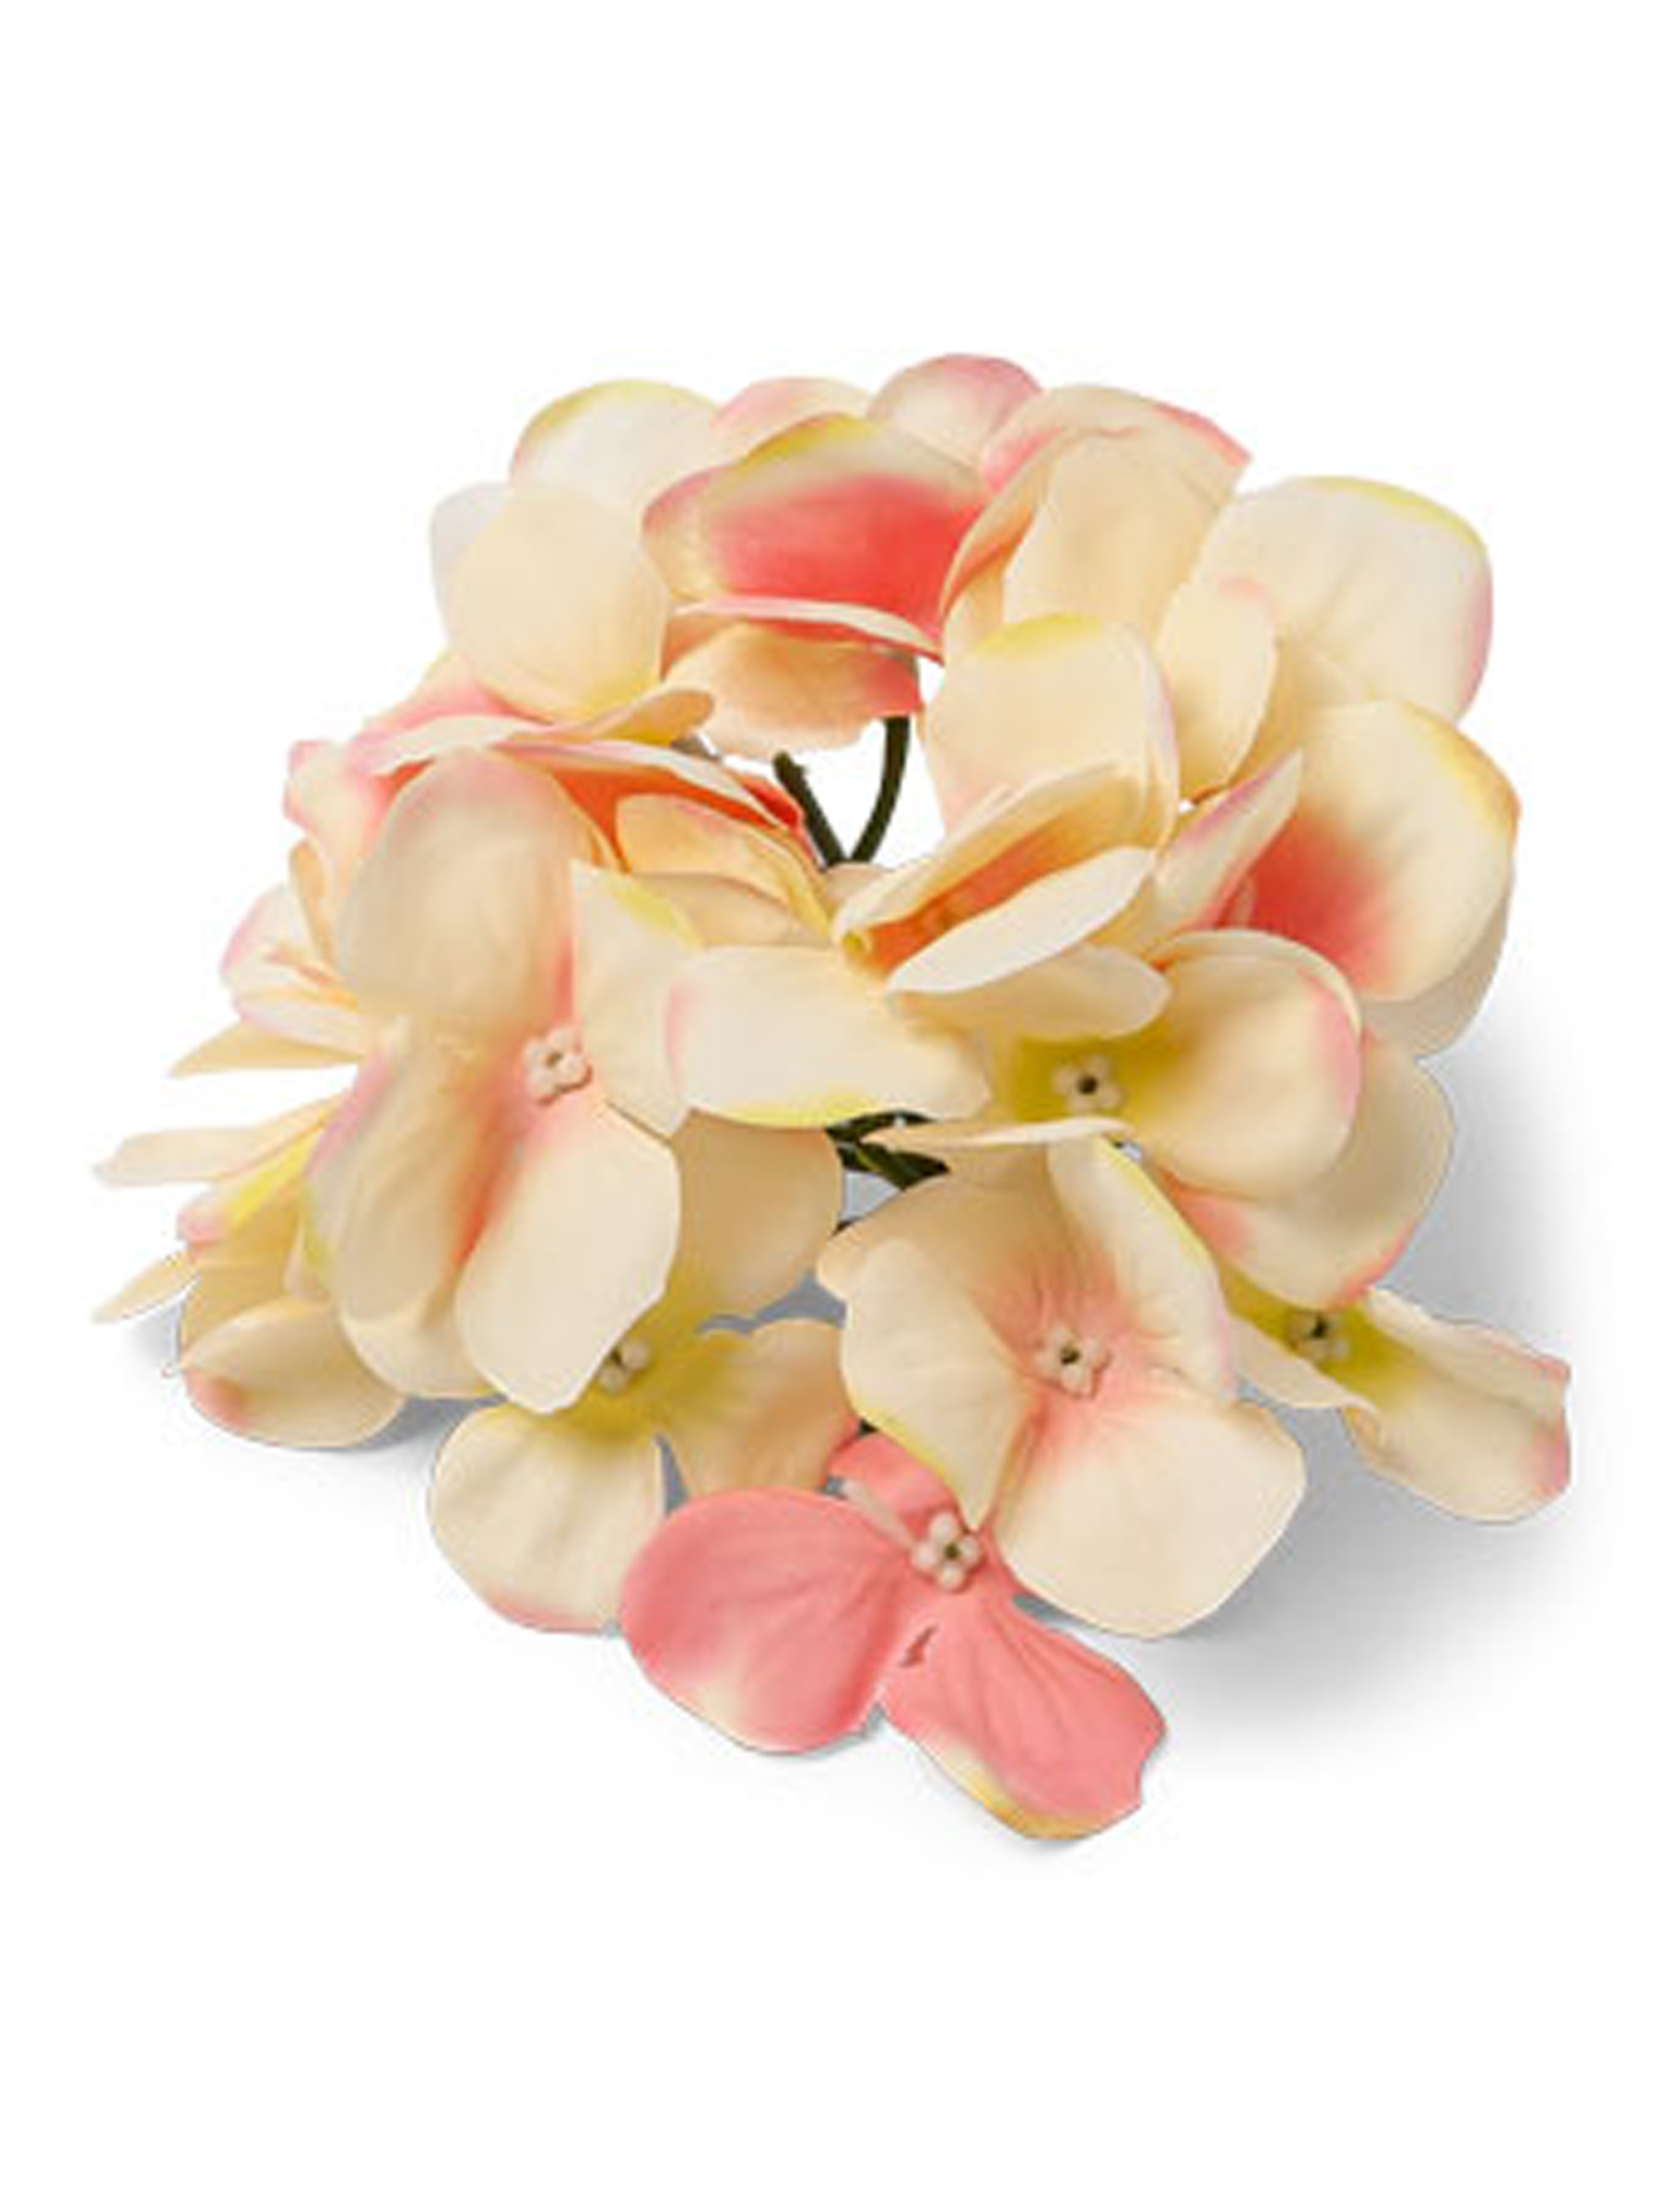 Ortensie Finte Prezzo : Ortensie finte color avorio e rosa su vegaooparty